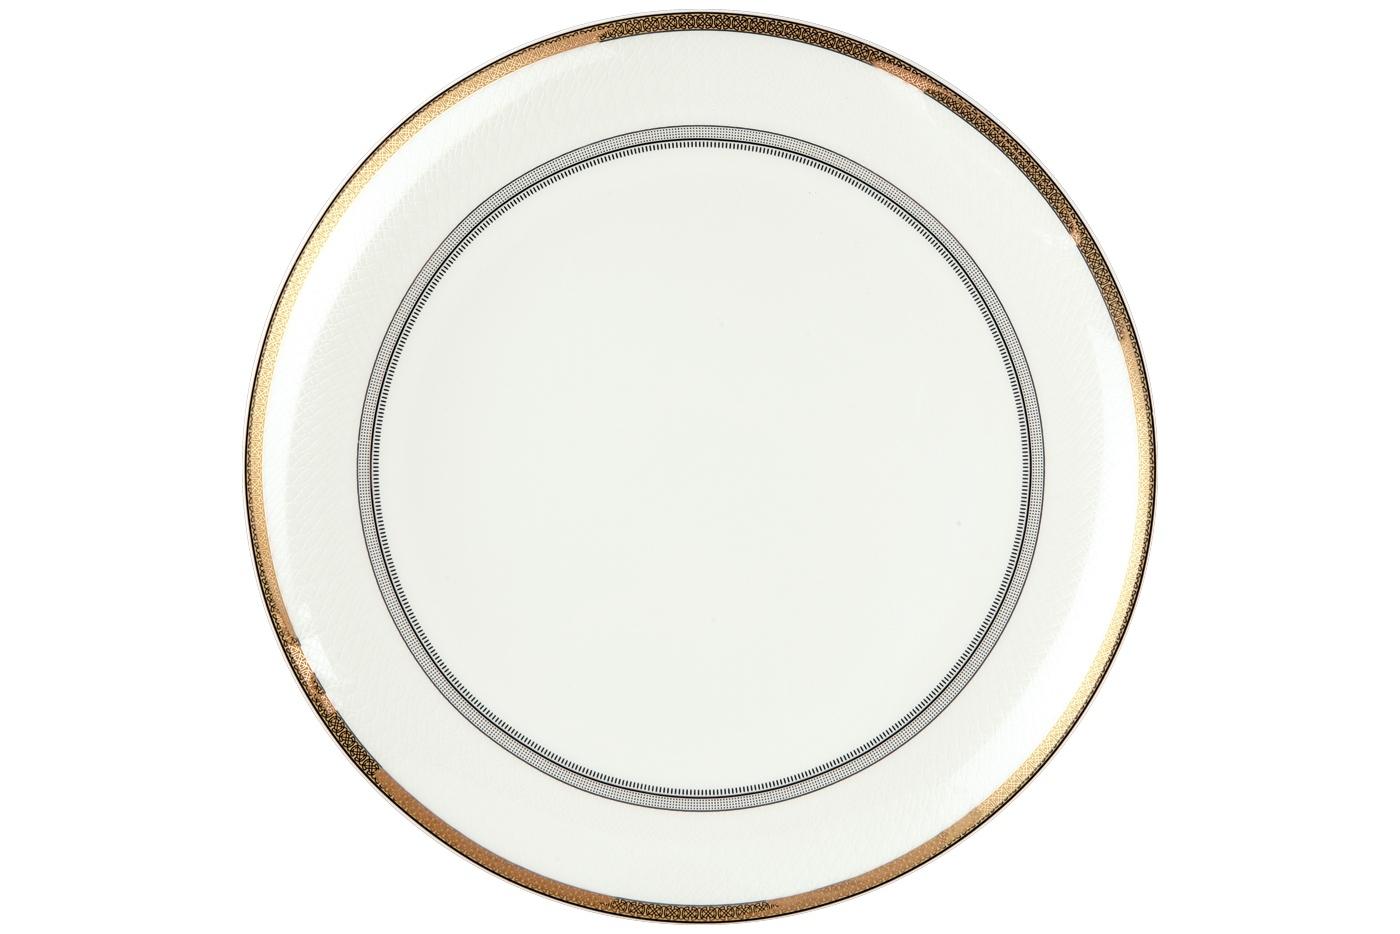 Набор из 6 тарелок Royal Aurel Консул (25см) арт.603Наборы тарелок<br>Набор из 6 тарелок Royal Aurel Консул (25см) арт.603<br>Производить посуду из фарфора начали в Китае на стыке 6-7 веков. Неустанно совершенствуя и селективно отбирая сырье для производства посуды из фарфора, мастерам удалось добиться выдающихся характеристик фарфора: белизны и тонкостенности. В XV веке появился особый интерес к китайской фарфоровой посуде, так как в это время Европе возникла мода на самобытные китайские вещи. Роскошный китайский фарфор являлся изыском и был в новинку, поэтому он выступал в качестве подарка королям, а также знатным людям. Такой дорогой подарок был очень престижен и по праву являлся элитной посудой. Как известно из многочисленных исторических документов, в Европе китайские изделия из фарфора ценились практически как золото. <br>Проверка изделий из костяного фарфора на подлинность <br>По сравнению с производством других видов фарфора процесс производства изделий из настоящего костяного фарфора сложен и весьма длителен. Посуда из изящного фарфора - это элитная посуда, которая всегда ассоциируется с богатством, величием и благородством. Несмотря на небольшую толщину, фарфоровая посуда - это очень прочное изделие. Для демонстрации плотности и прочности фарфора можно легко коснуться предметов посуды из фарфора деревянной палочкой, и тогда мы услушим характерный металлический звон. В составе фарфоровой посуды присутствует костяная зола, благодаря чему она может быть намного тоньше (не более 2,5 мм) и легче твердого или мягкого фарфора. Безупречная белизна - ключевой признак отличия такого фарфора от других. Цвет обычного фарфора сероватый или ближе к голубоватому, а костяной фарфор будет всегда будет молочно-белого цвета. Характерная и немаловажная деталь - это невесомая прозрачность изделий из фарфора такая, что сквозь него проходит свет.<br>